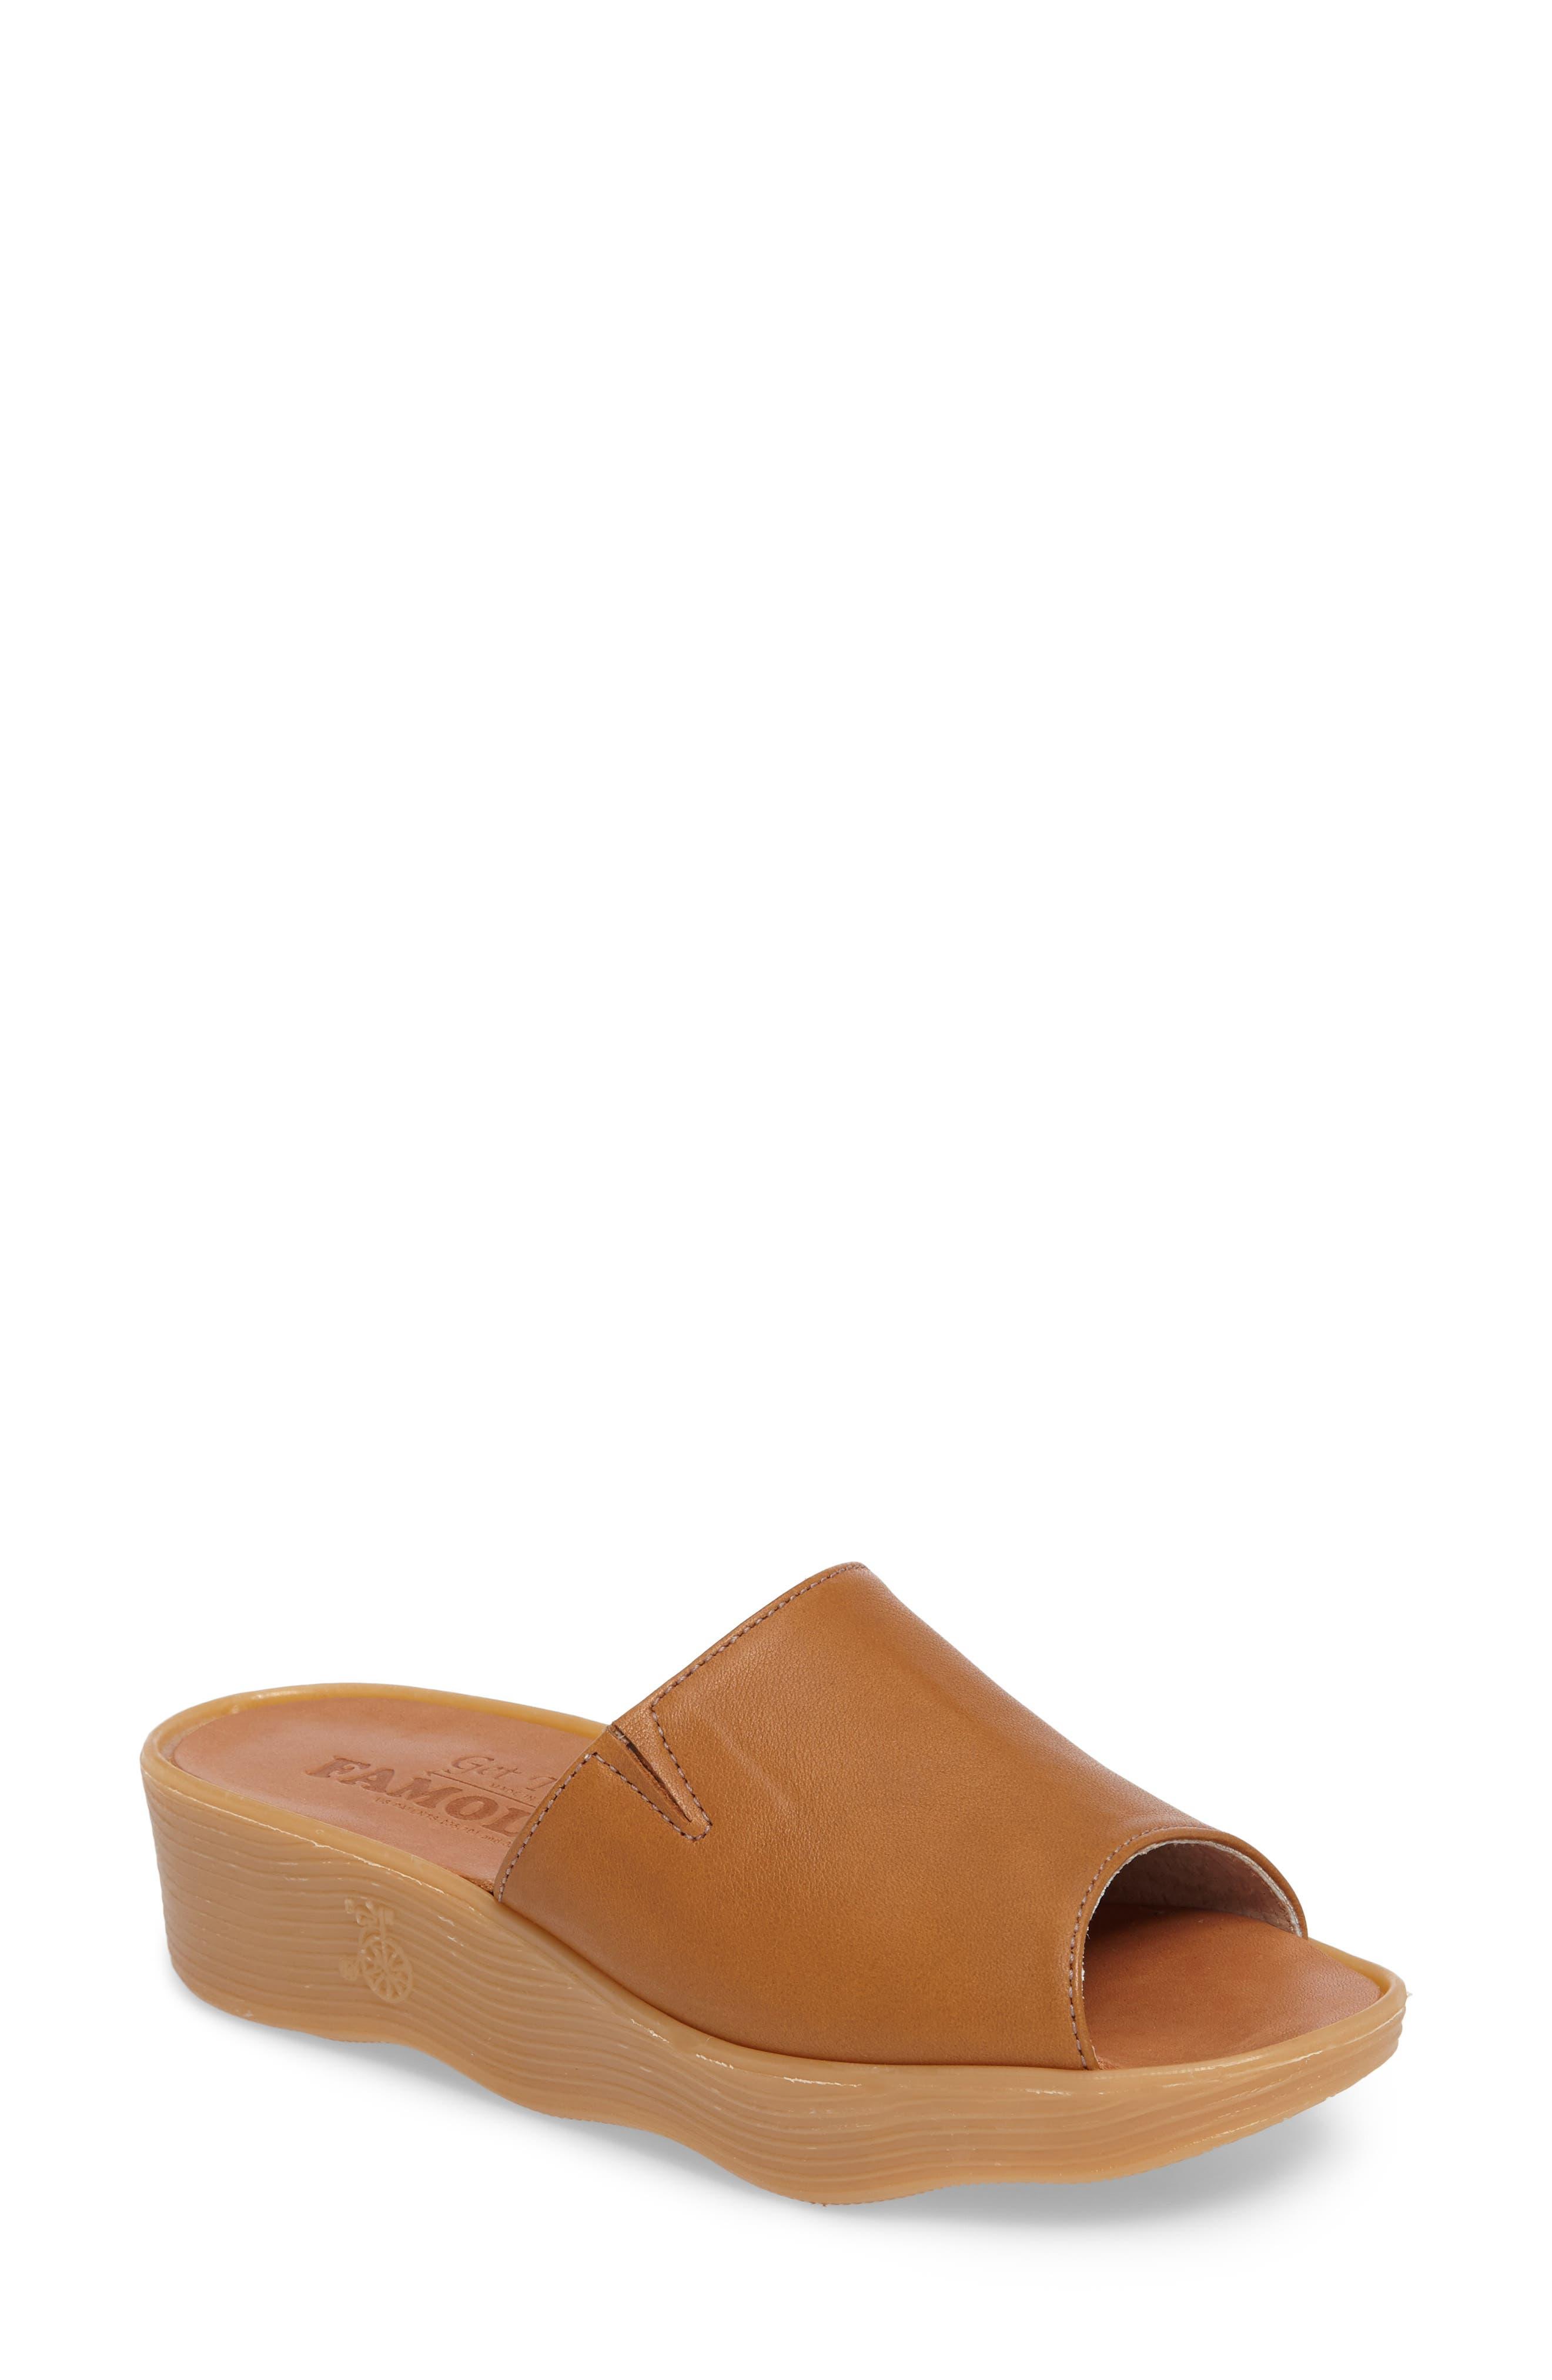 Alternate Image 1 Selected - Famolare Slide N Sleek Wedge Slide Sandal (Women)